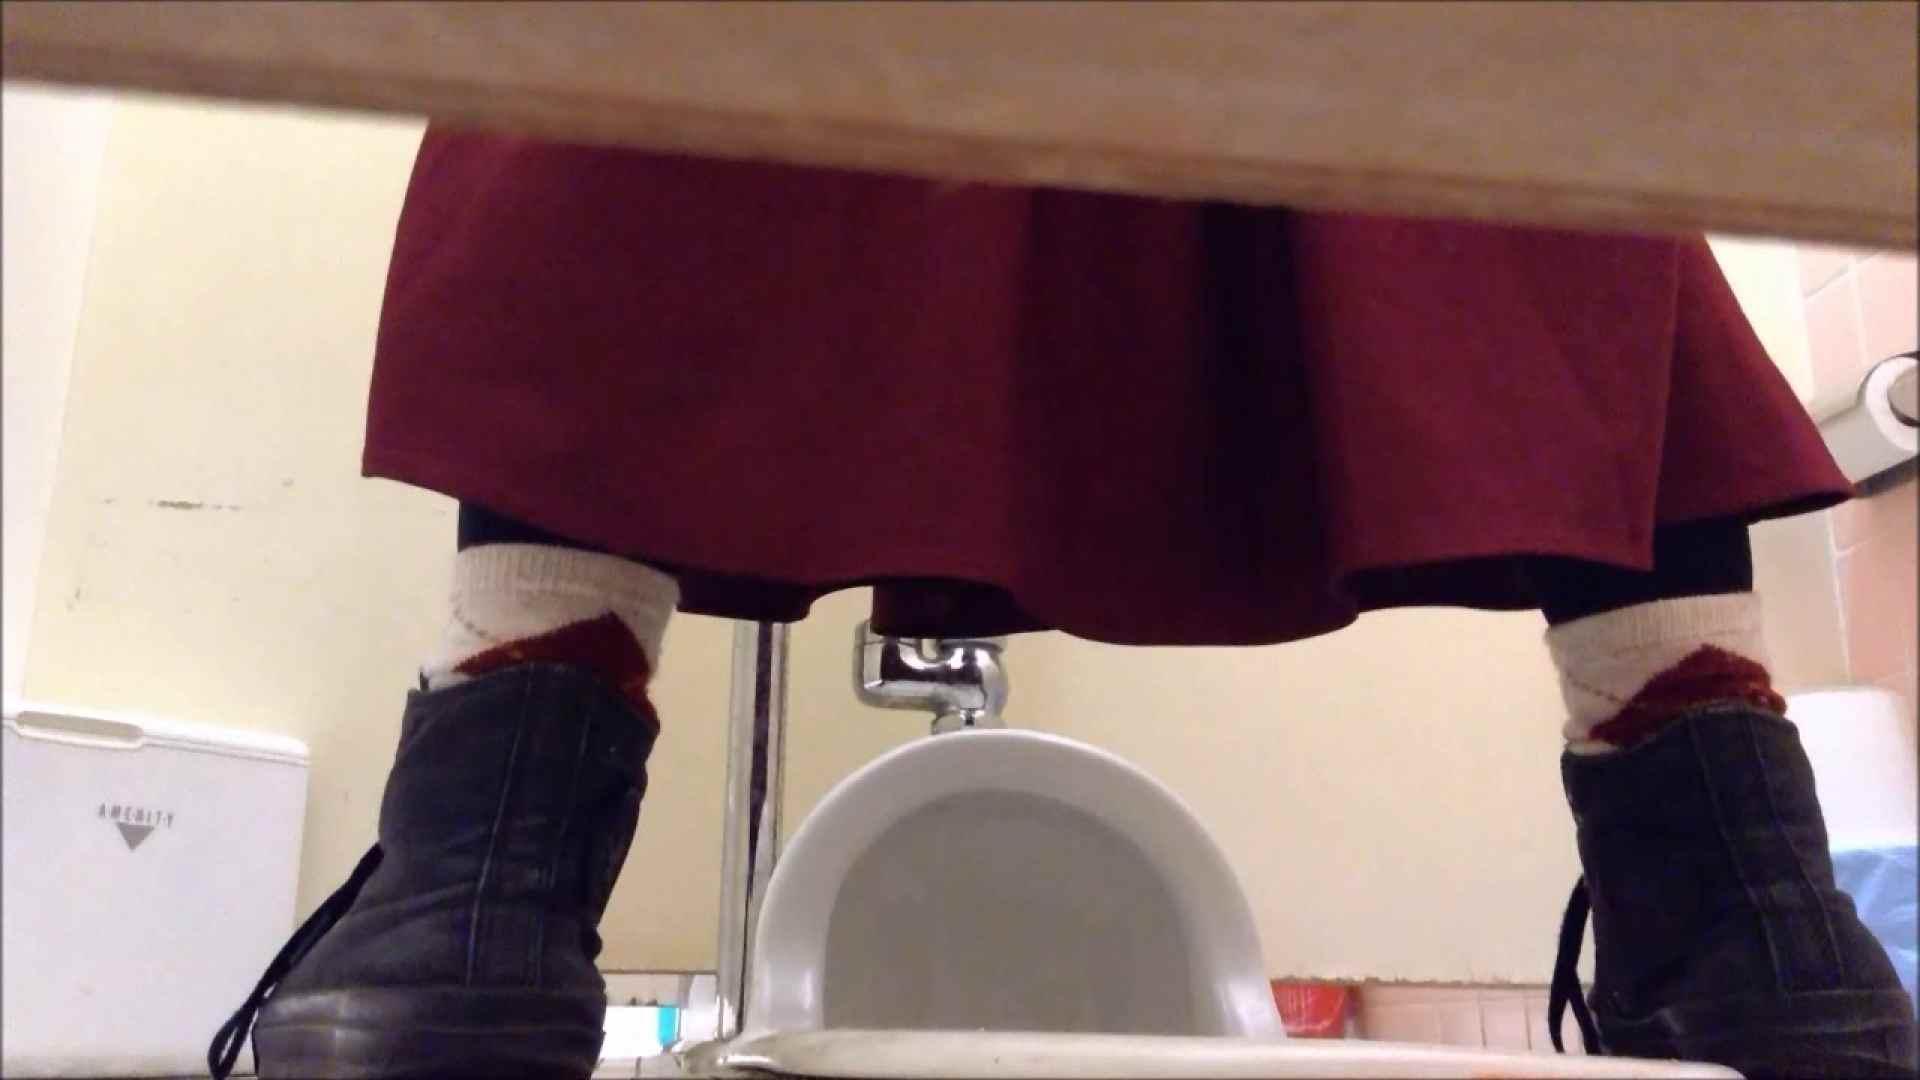 某有名大学女性洗面所 vol.09 洗面所 ワレメ無修正動画無料 111画像 41